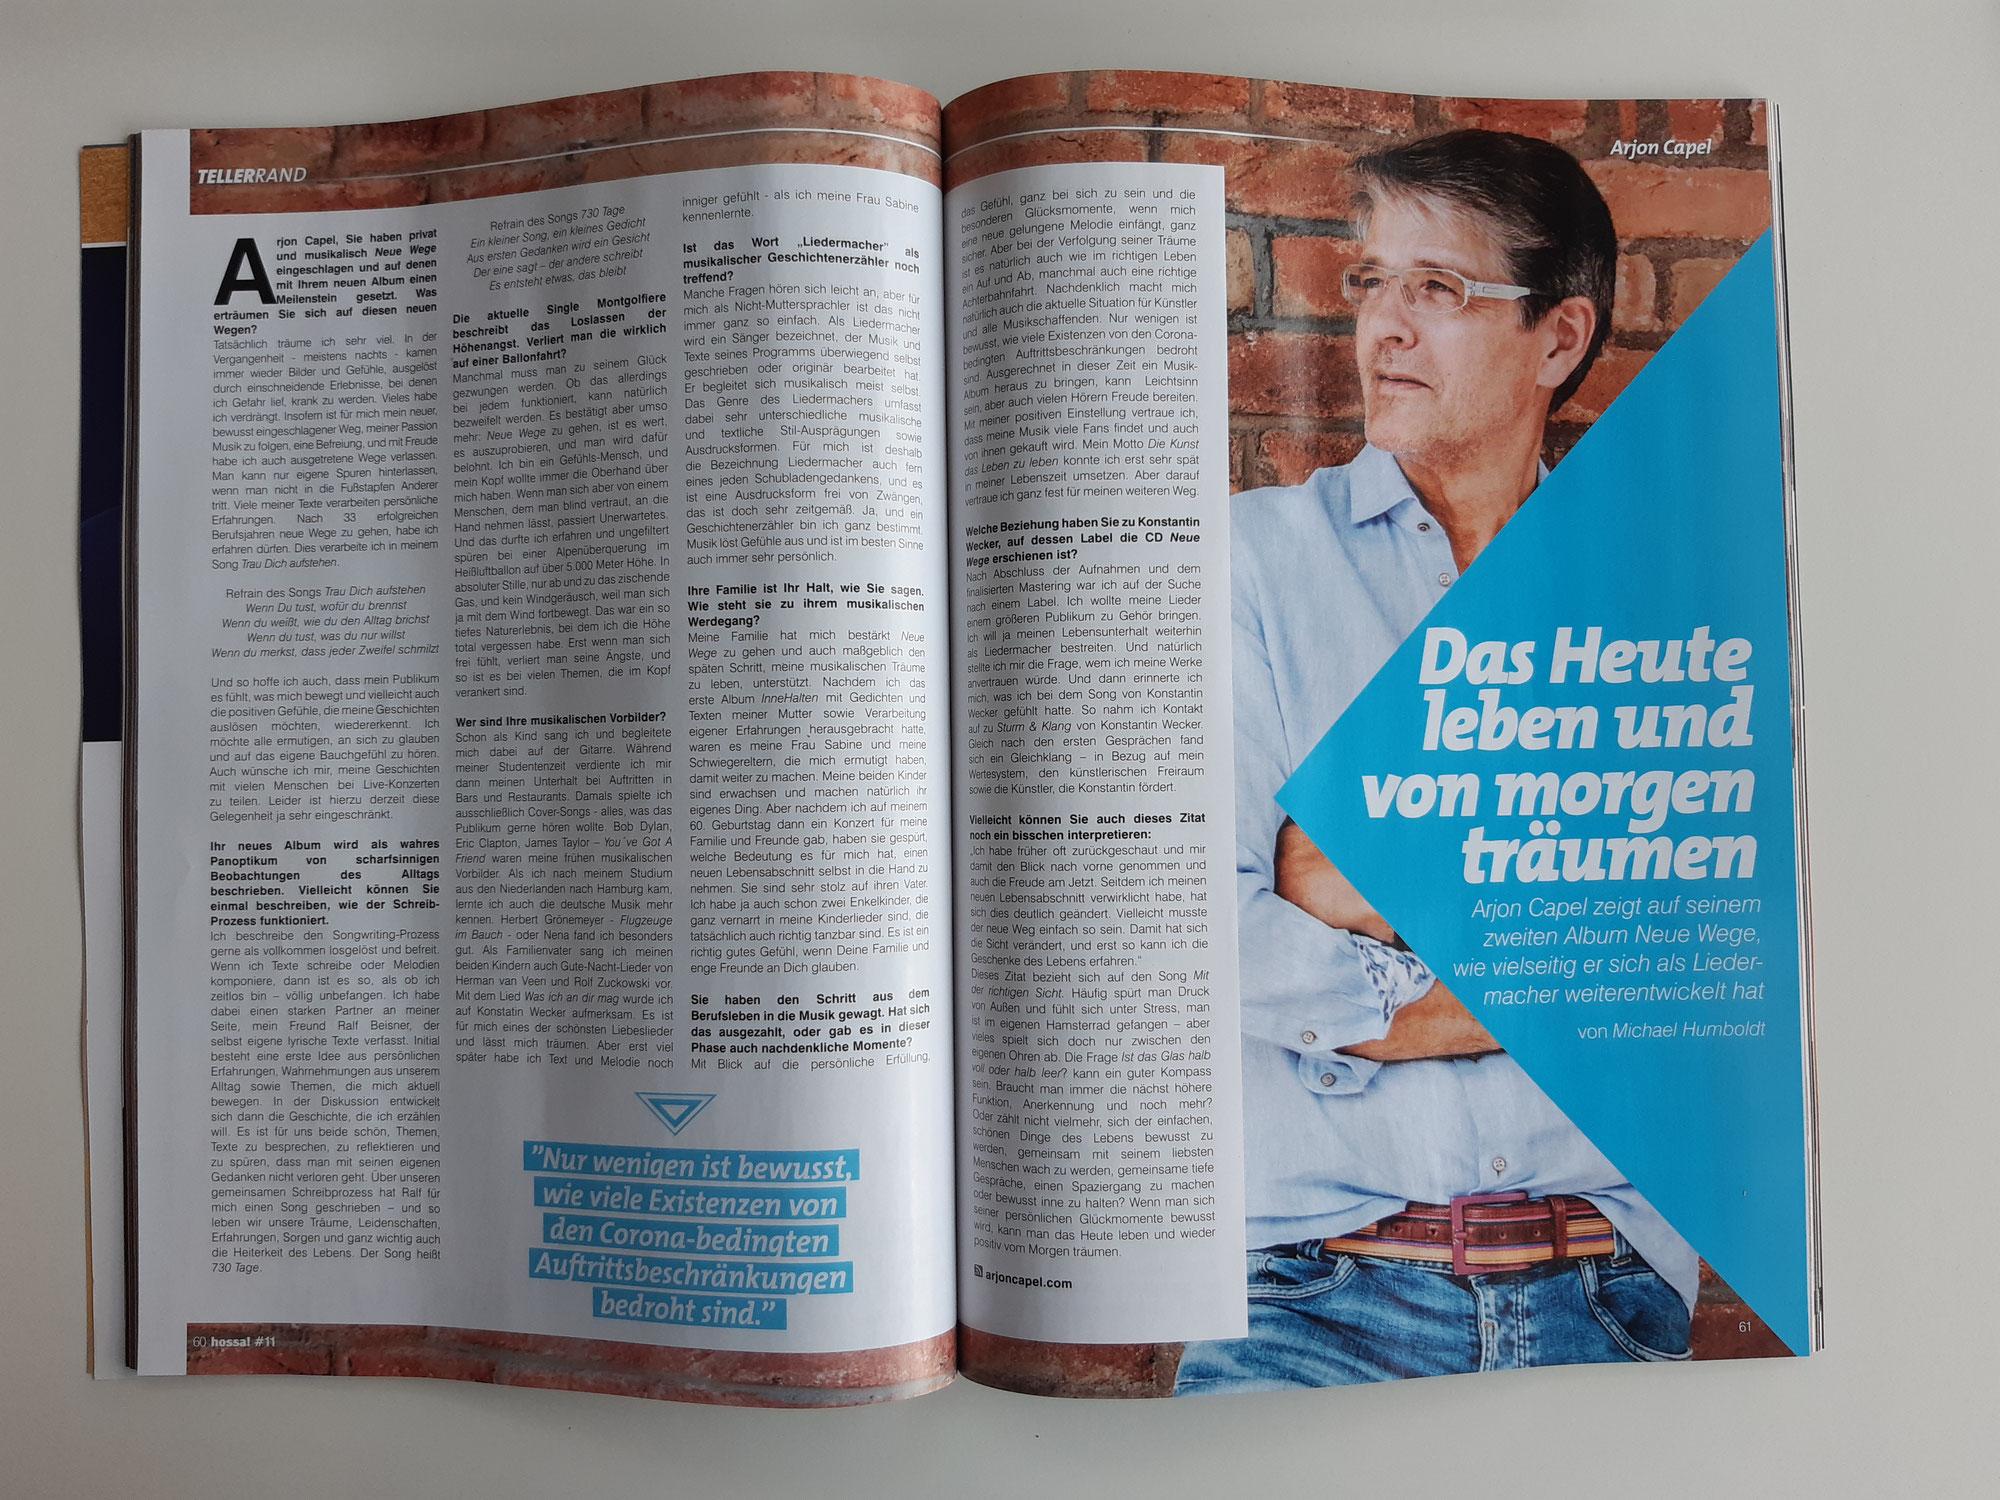 hossa! #11 - Interview von Michael Humboldt